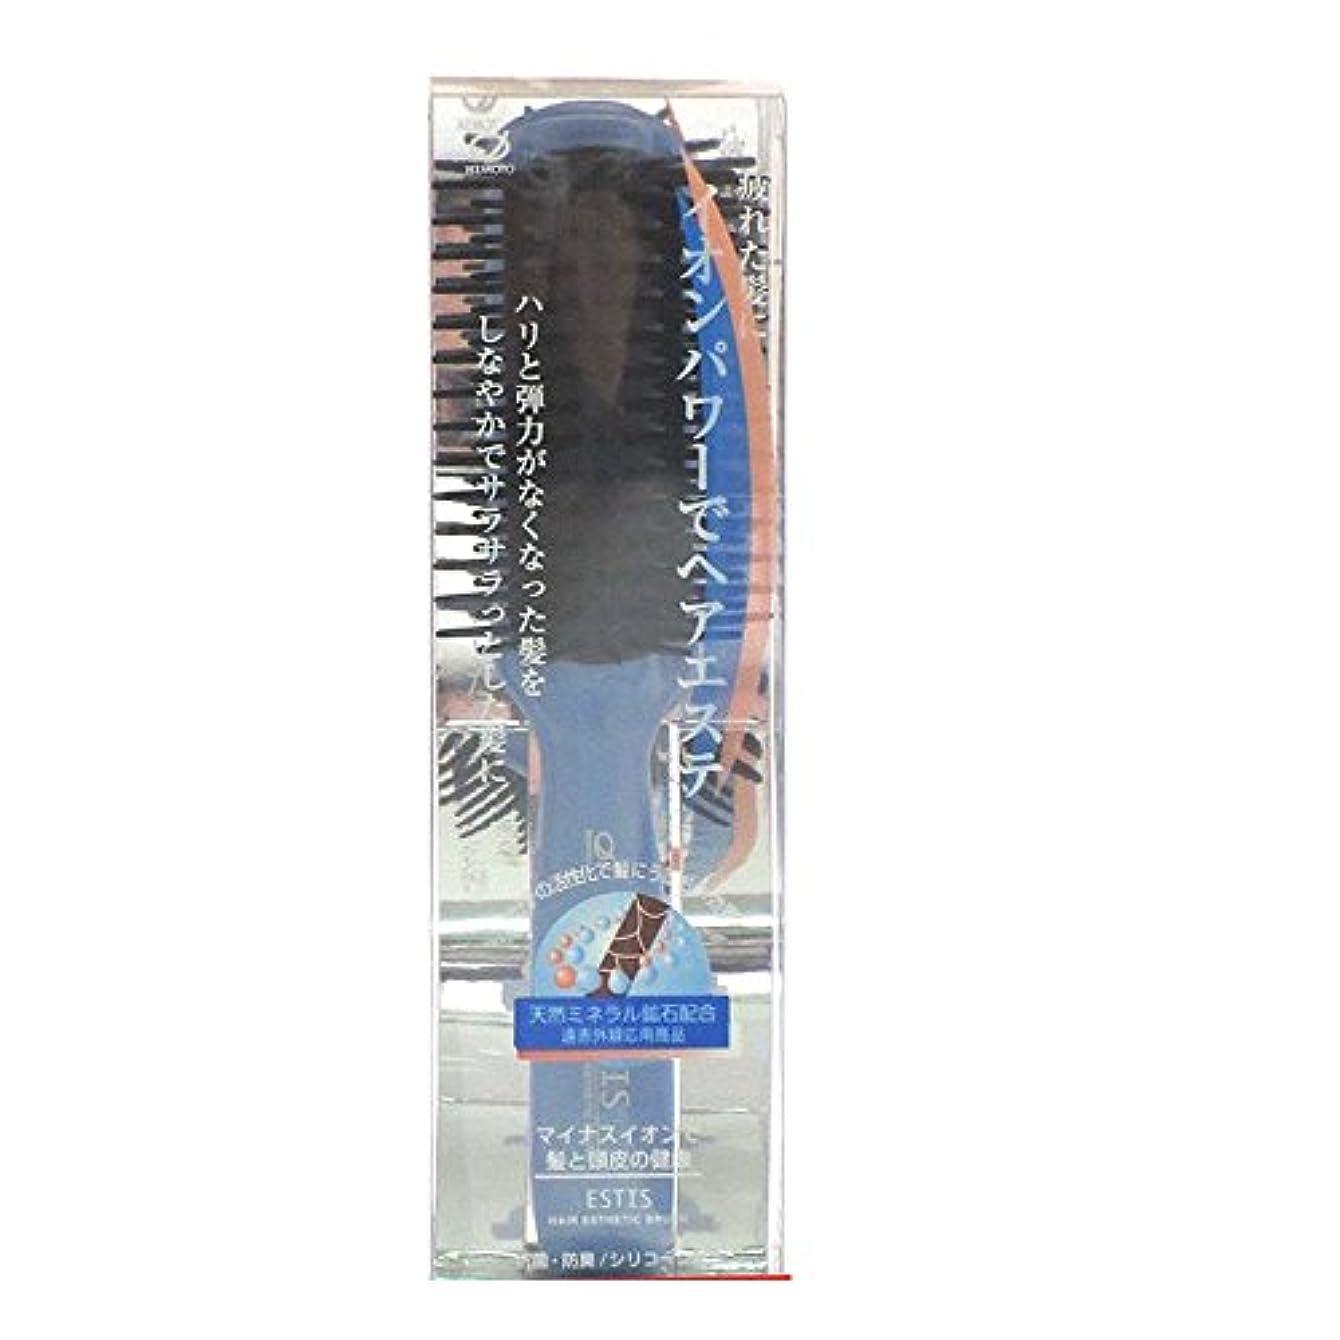 抵抗力があるインターネットリアル永豊堂 天然鉱石配合スタイリングブラシS SPE-76(PBL)